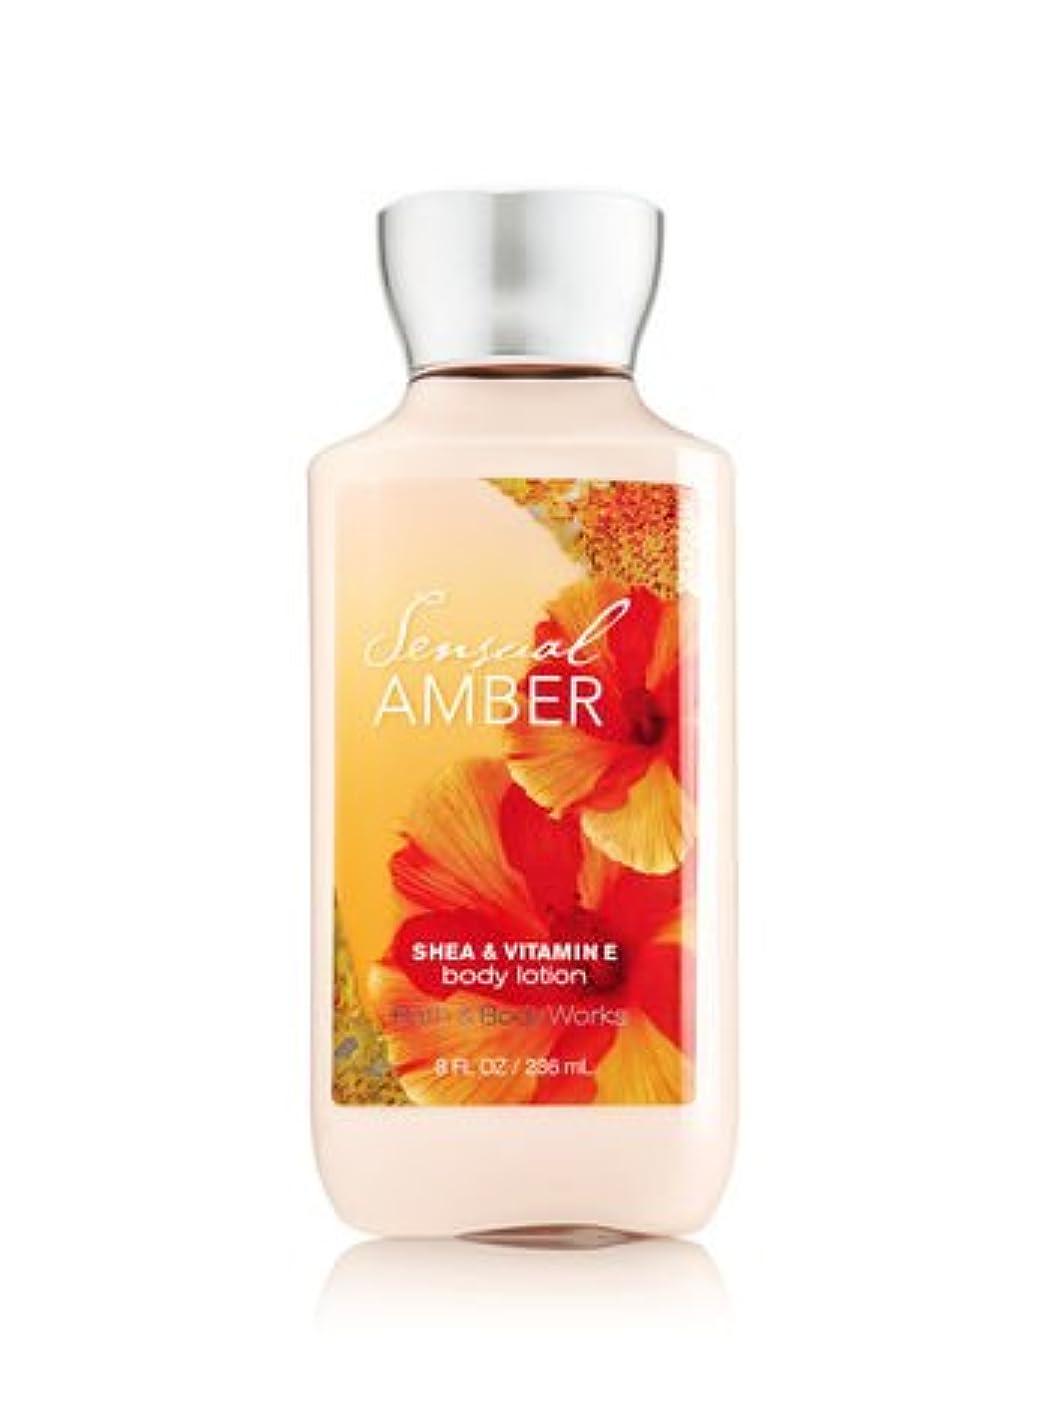 開業医減衰独裁【Bath&Body Works/バス&ボディワークス】 ボディローション センシュアルアンバー Body Lotion Sensual Amber 8 fl oz / 236 mL [並行輸入品]